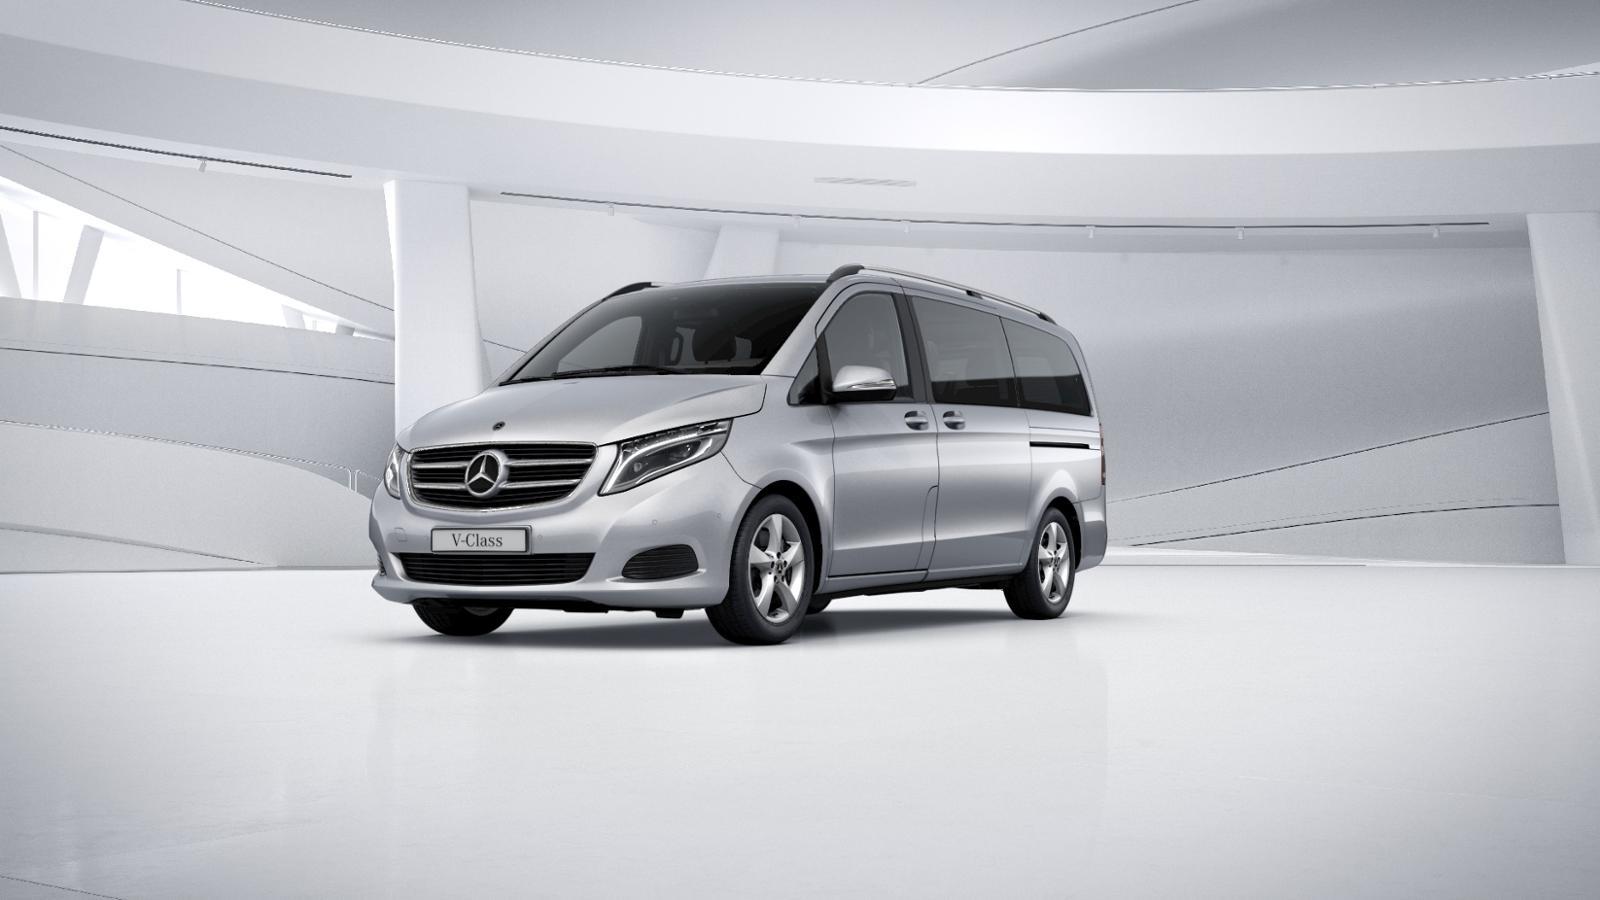 Mercedes-Benz V 250 Lang Distronic Comand AHK Kamera LED, Jahr 2019, Diesel